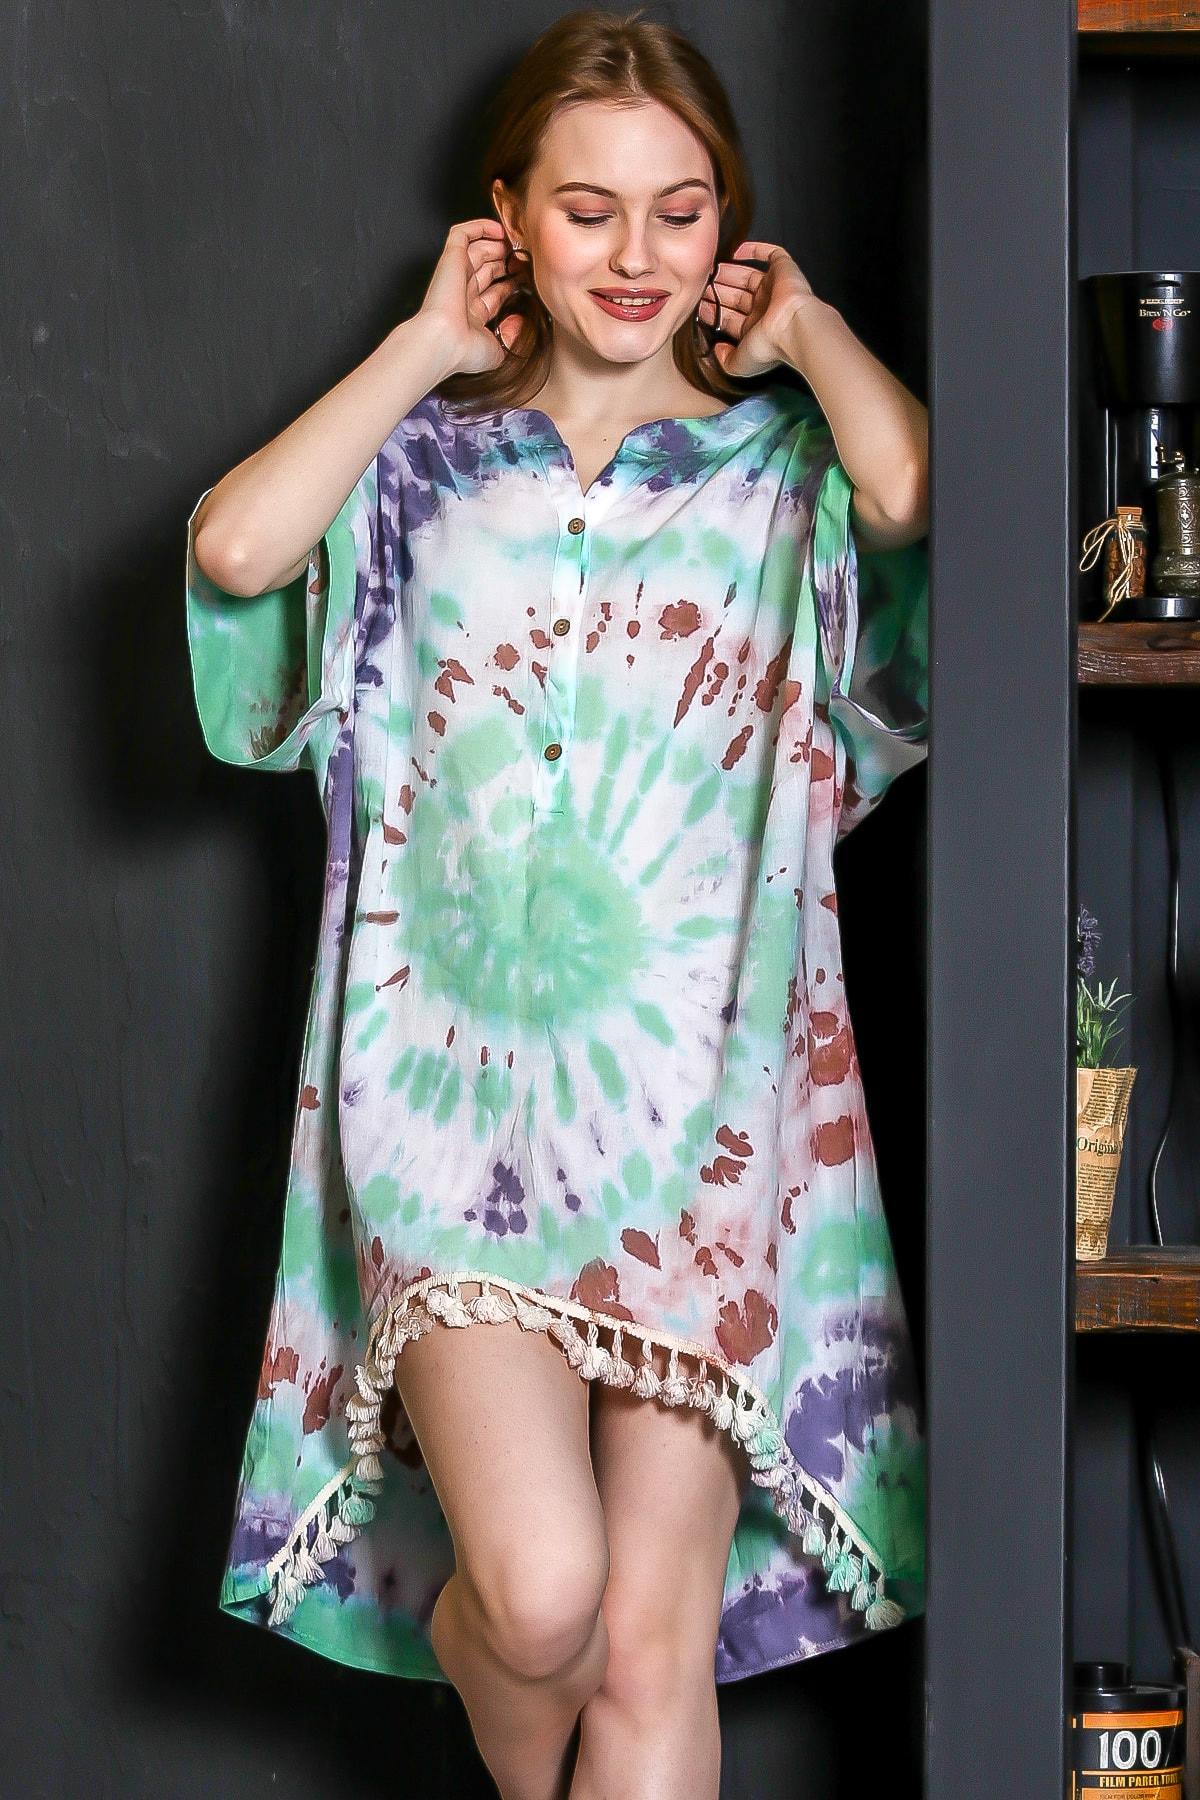 Chiccy Kadın Yeşil Patı Düğmeli Etek Ucu Püsküllü Batik Desen Salaş Elbise M10160000EL95224